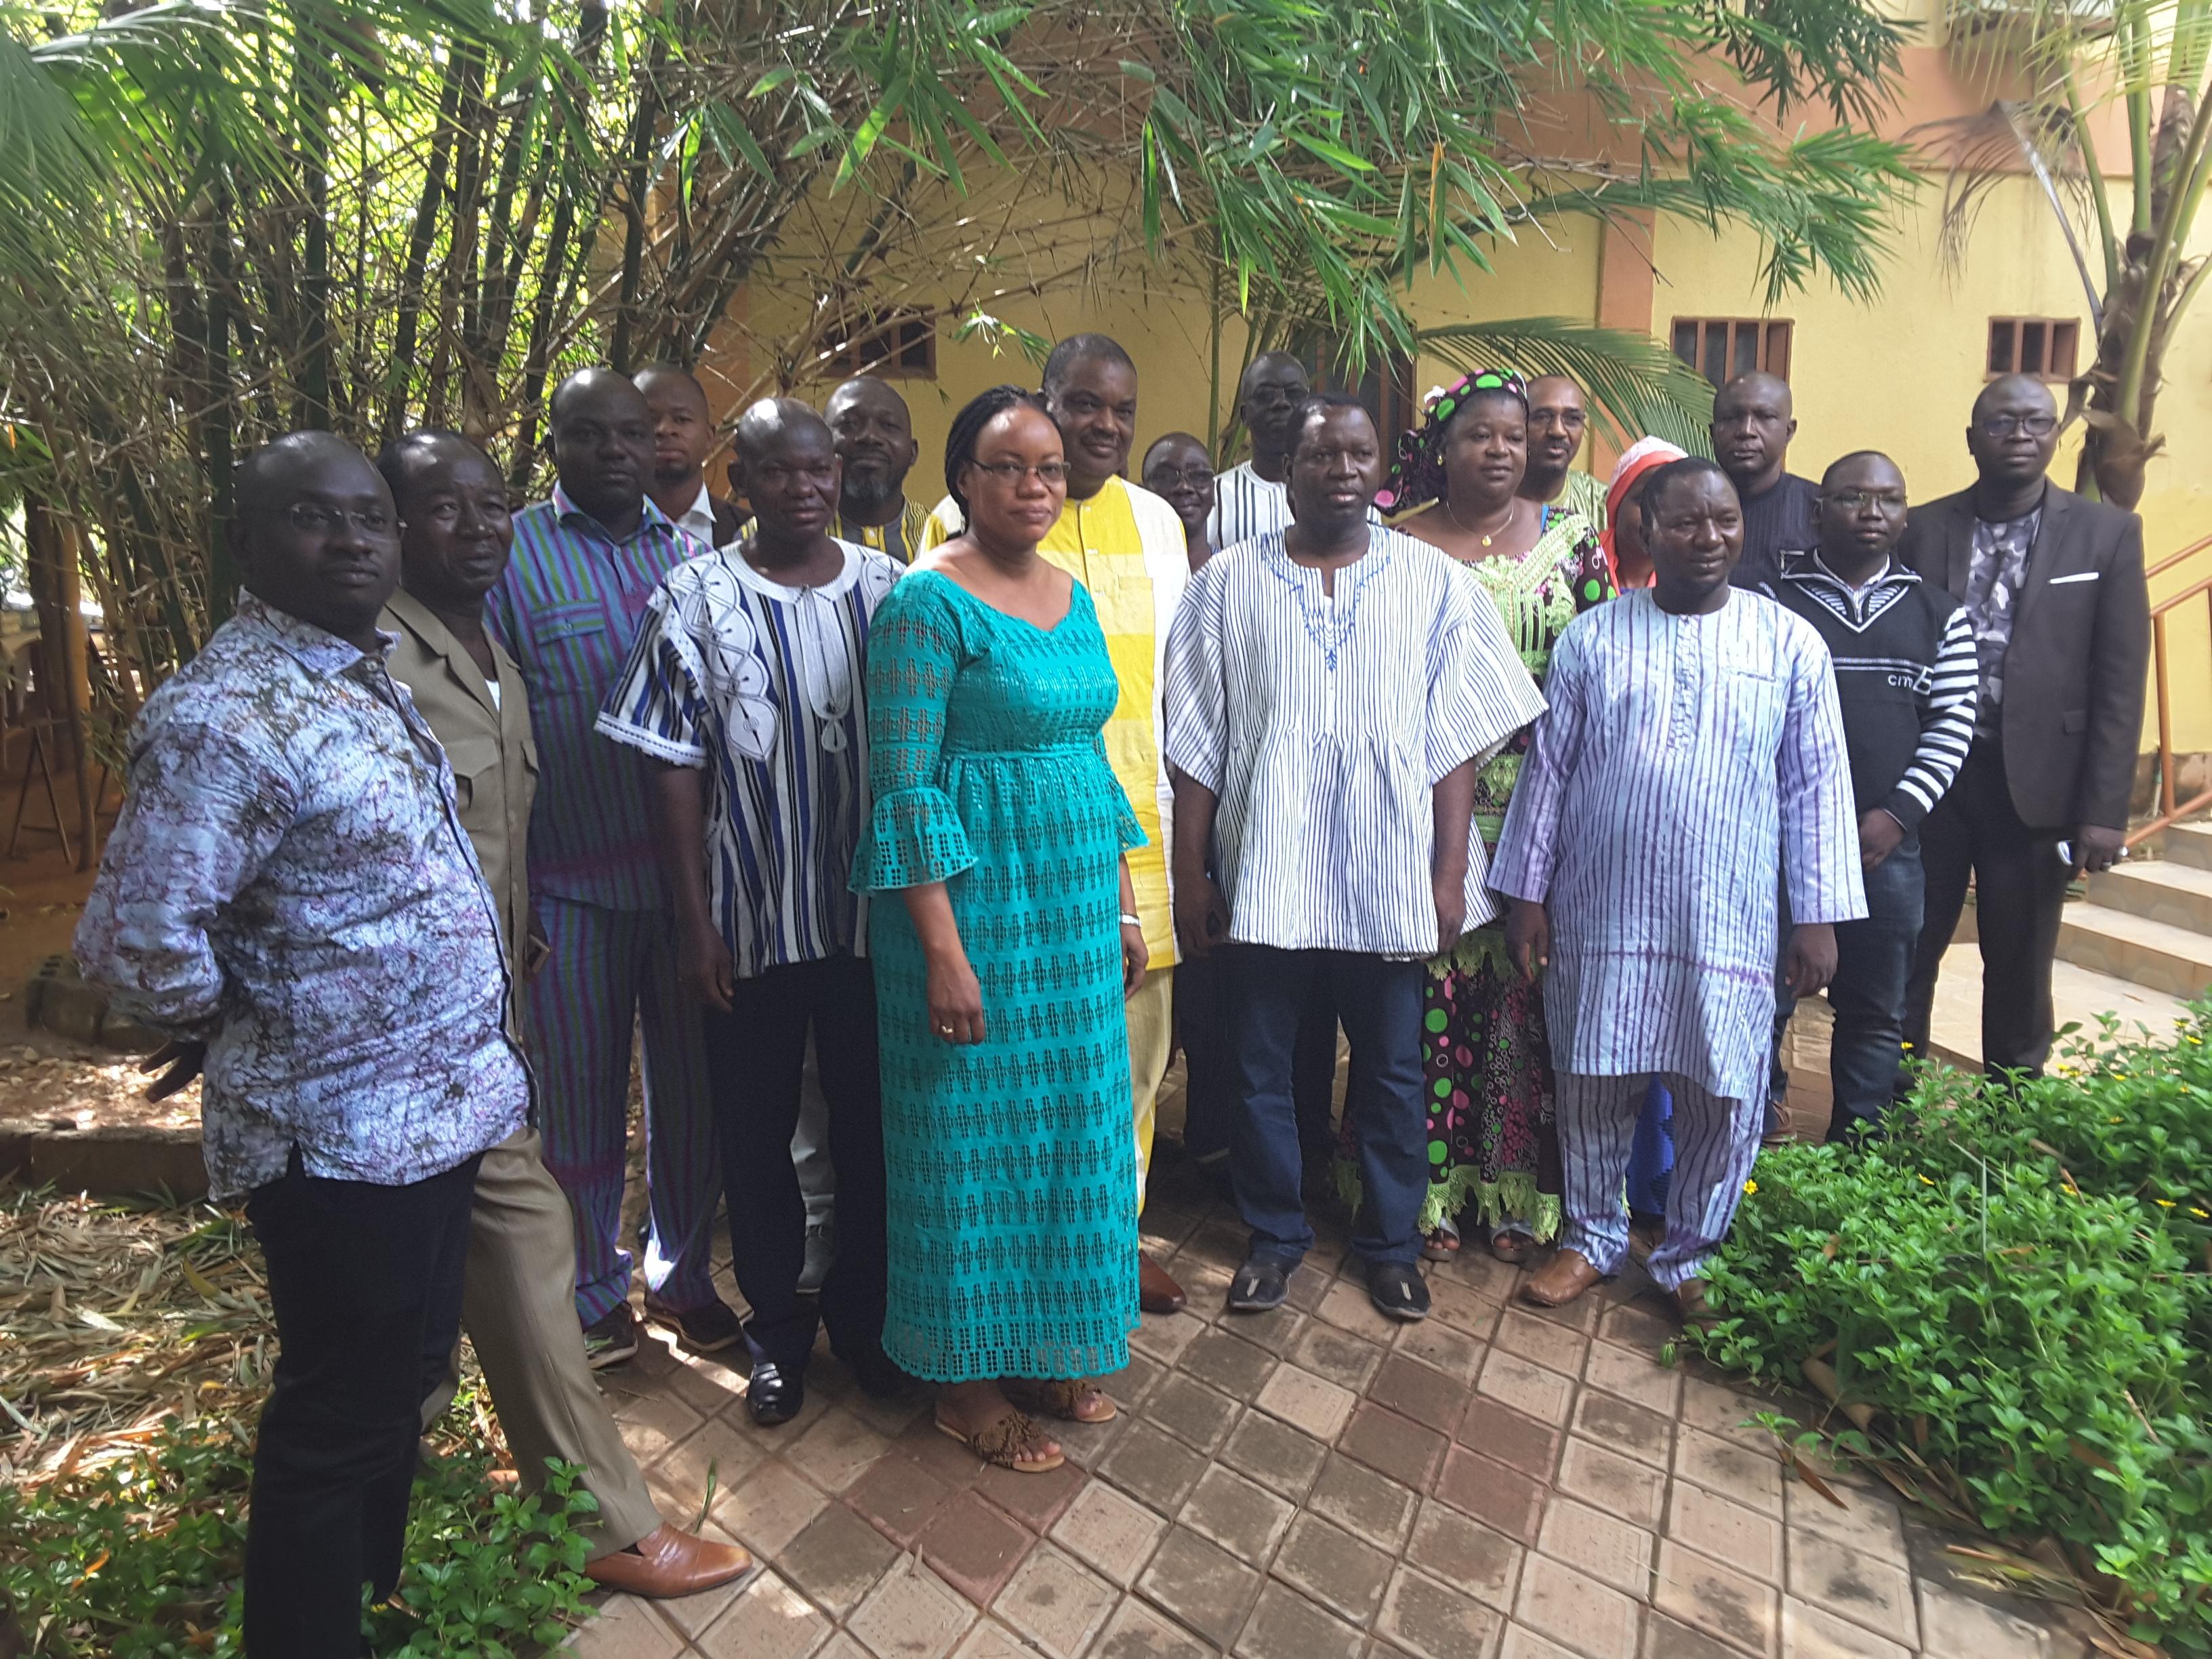 Plaidoyer en faveur du pastoralisme: offensive de «Voix pour le changement» sur les Directeurs centraux du ministère en charge de l'élevage au Burkina Faso